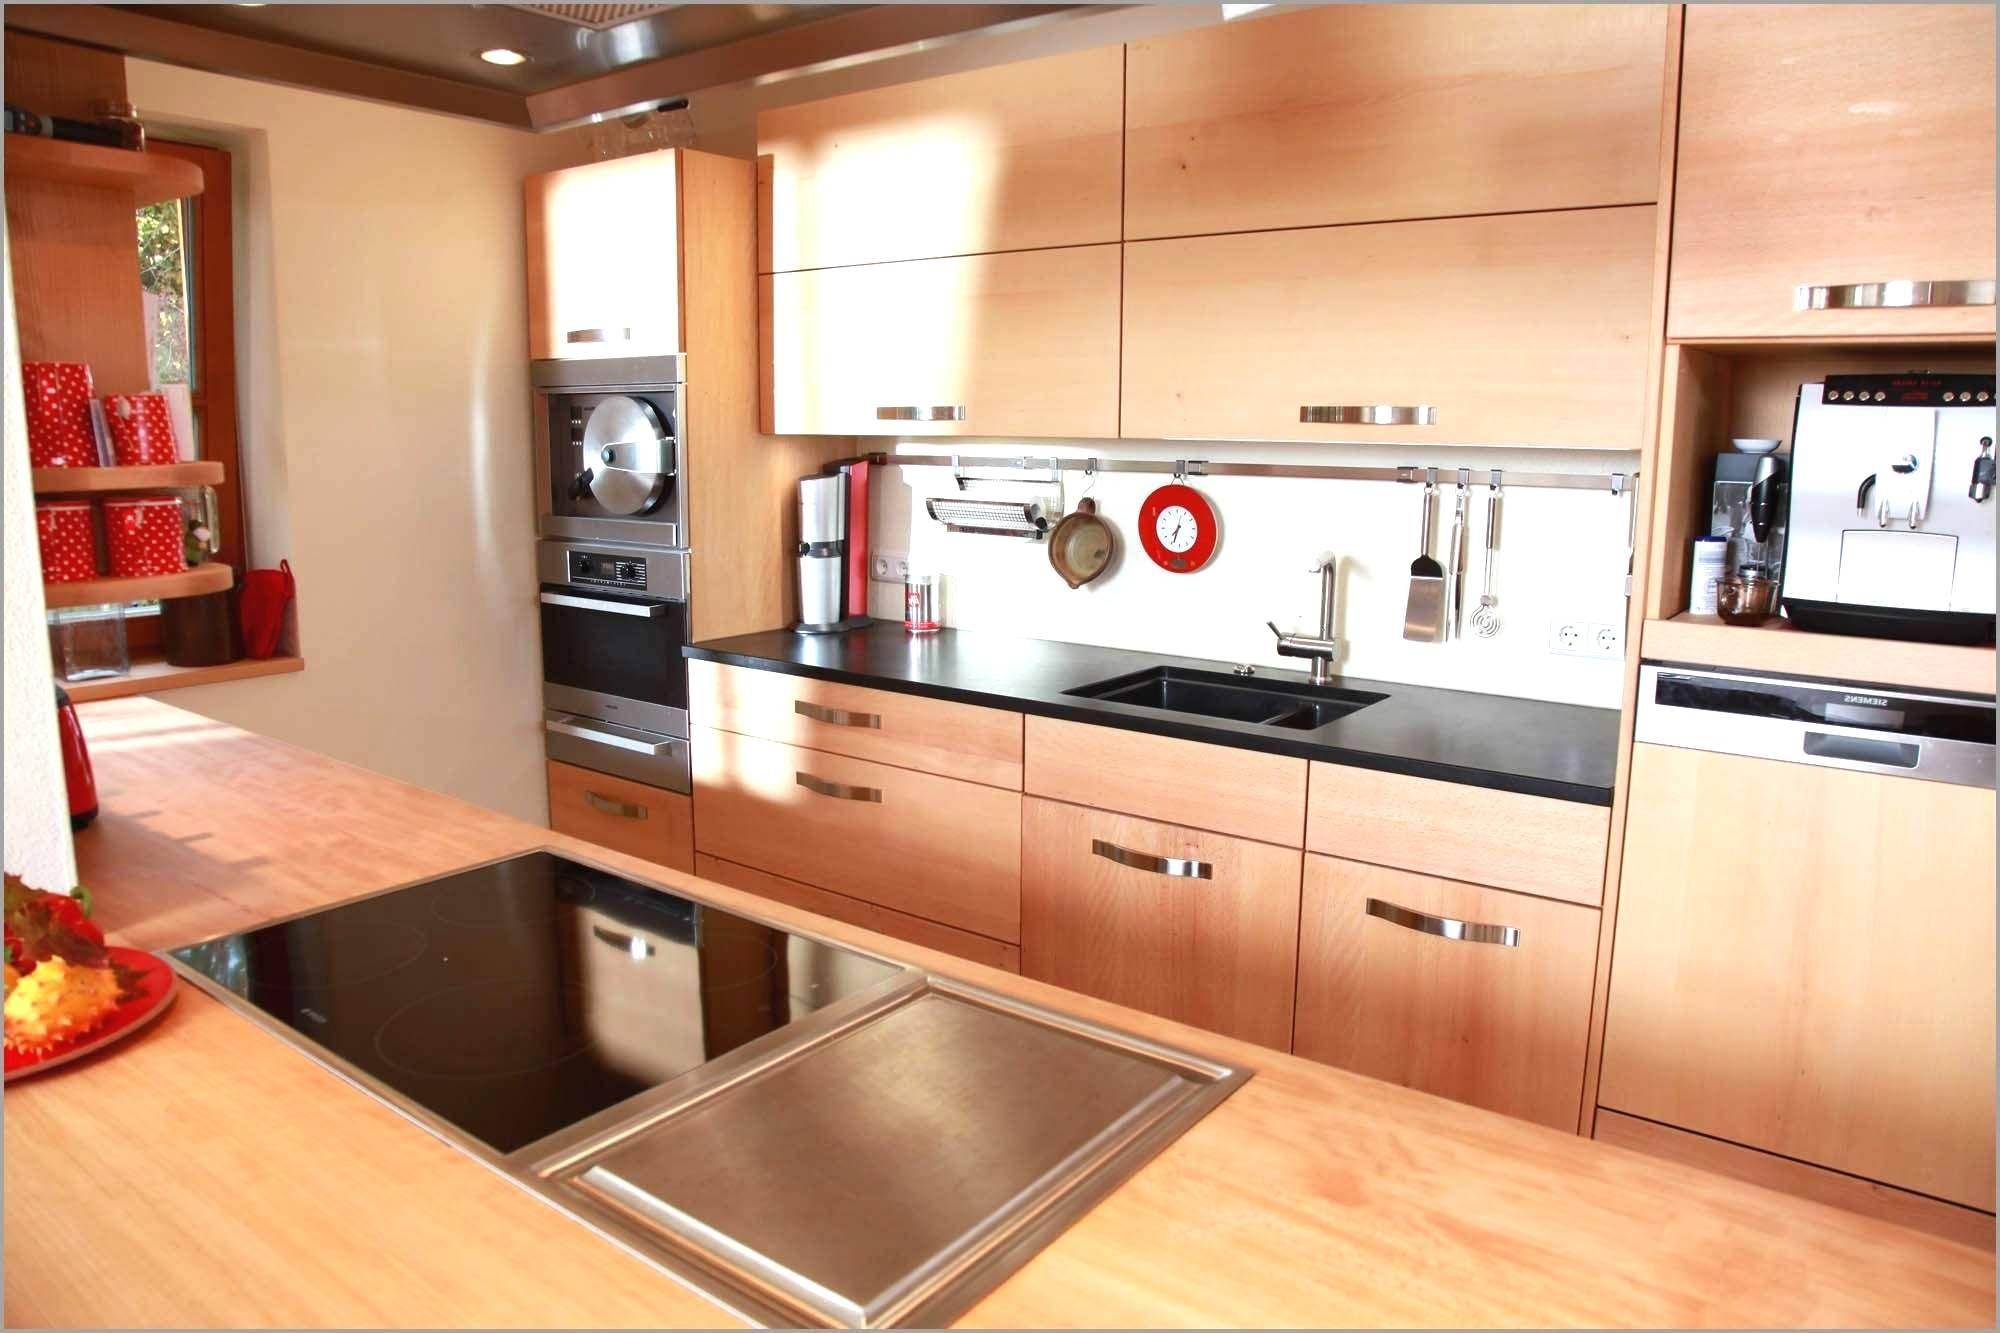 29 Schön Küchenmöbel Modern (With images) Decor, Kitchen